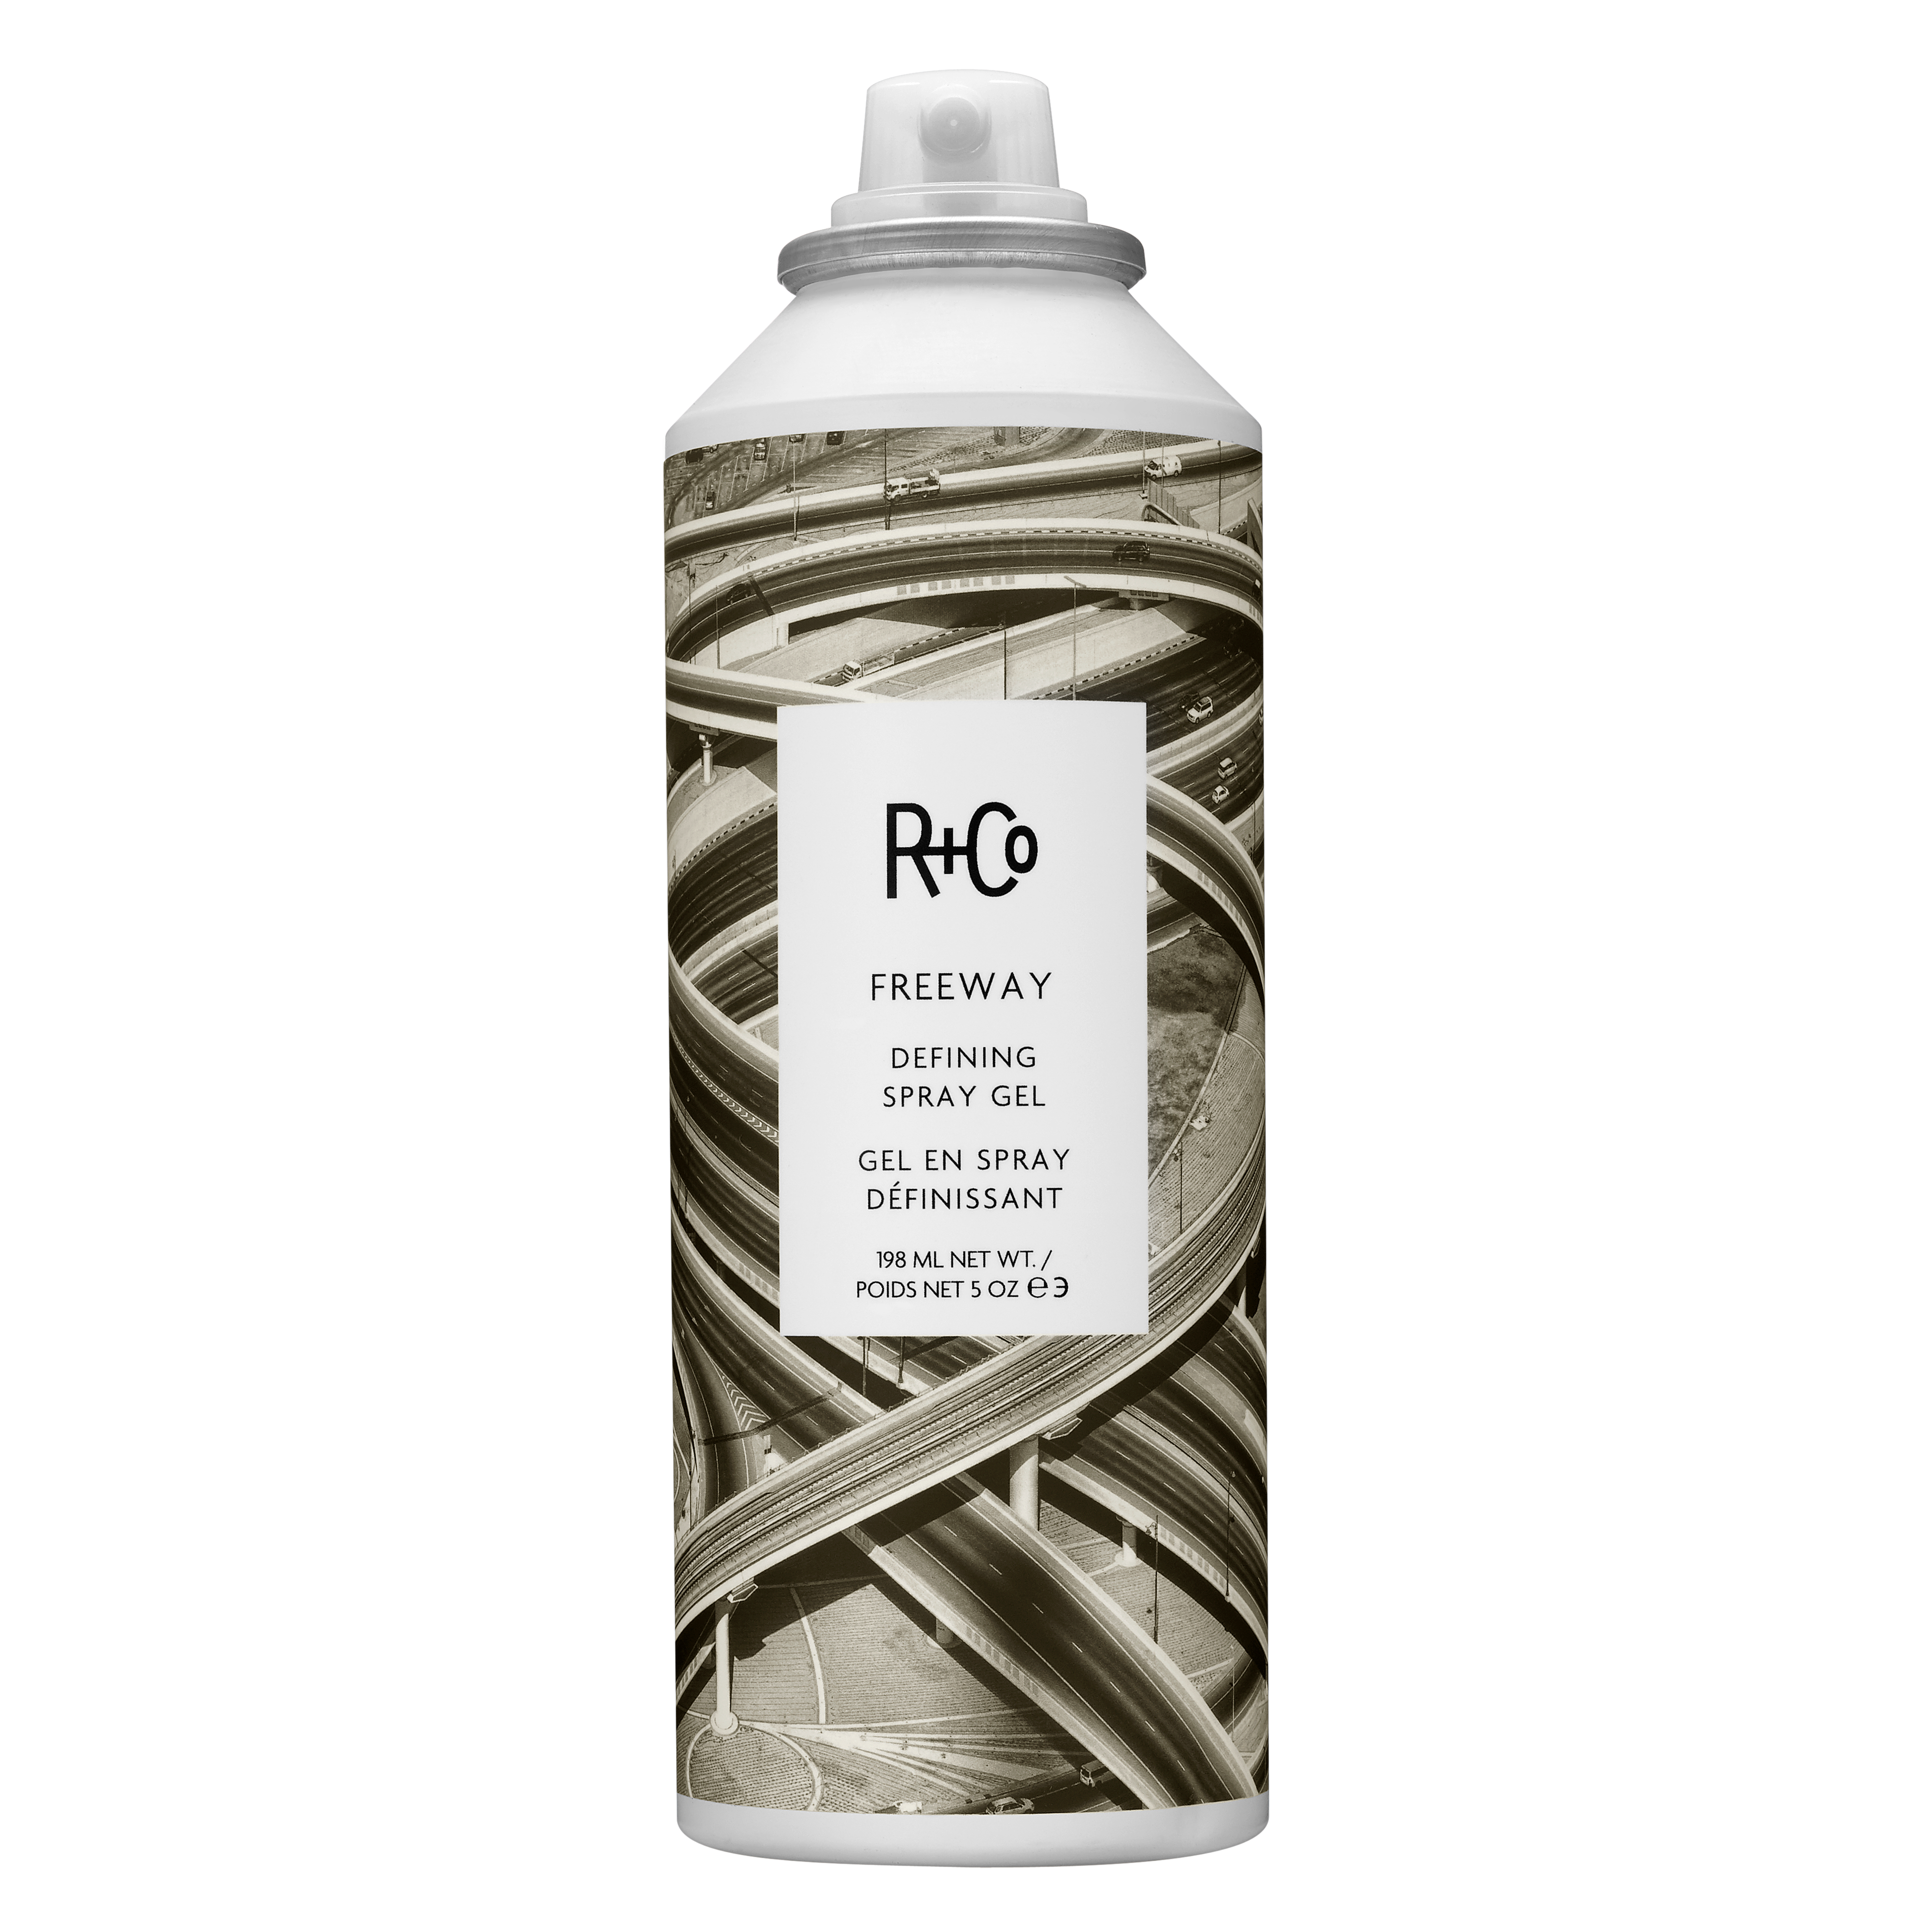 FREEWAY Defining Spray Gel 198ml